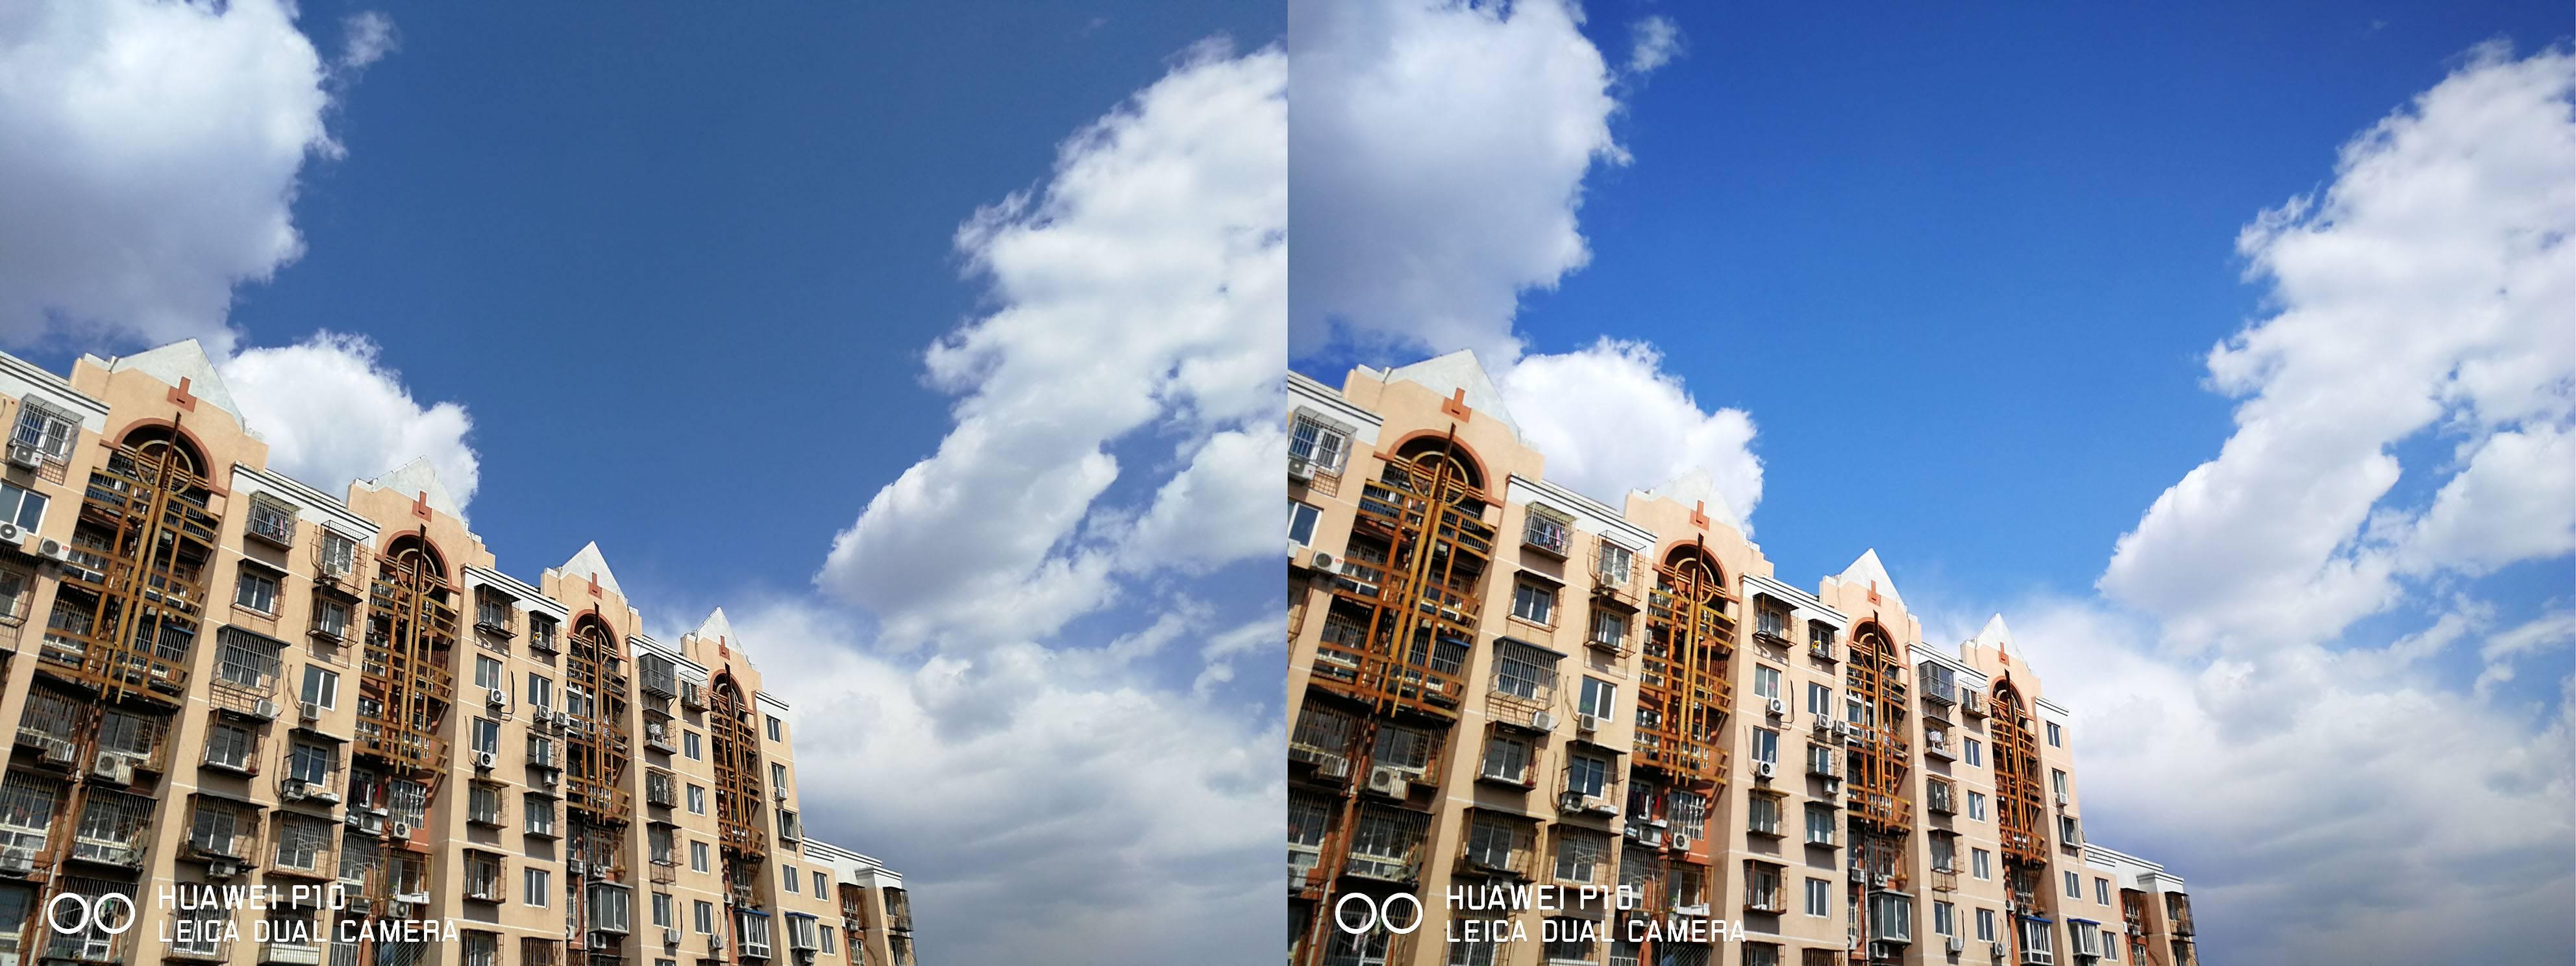 左为标准模式,右为鲜艳模式。